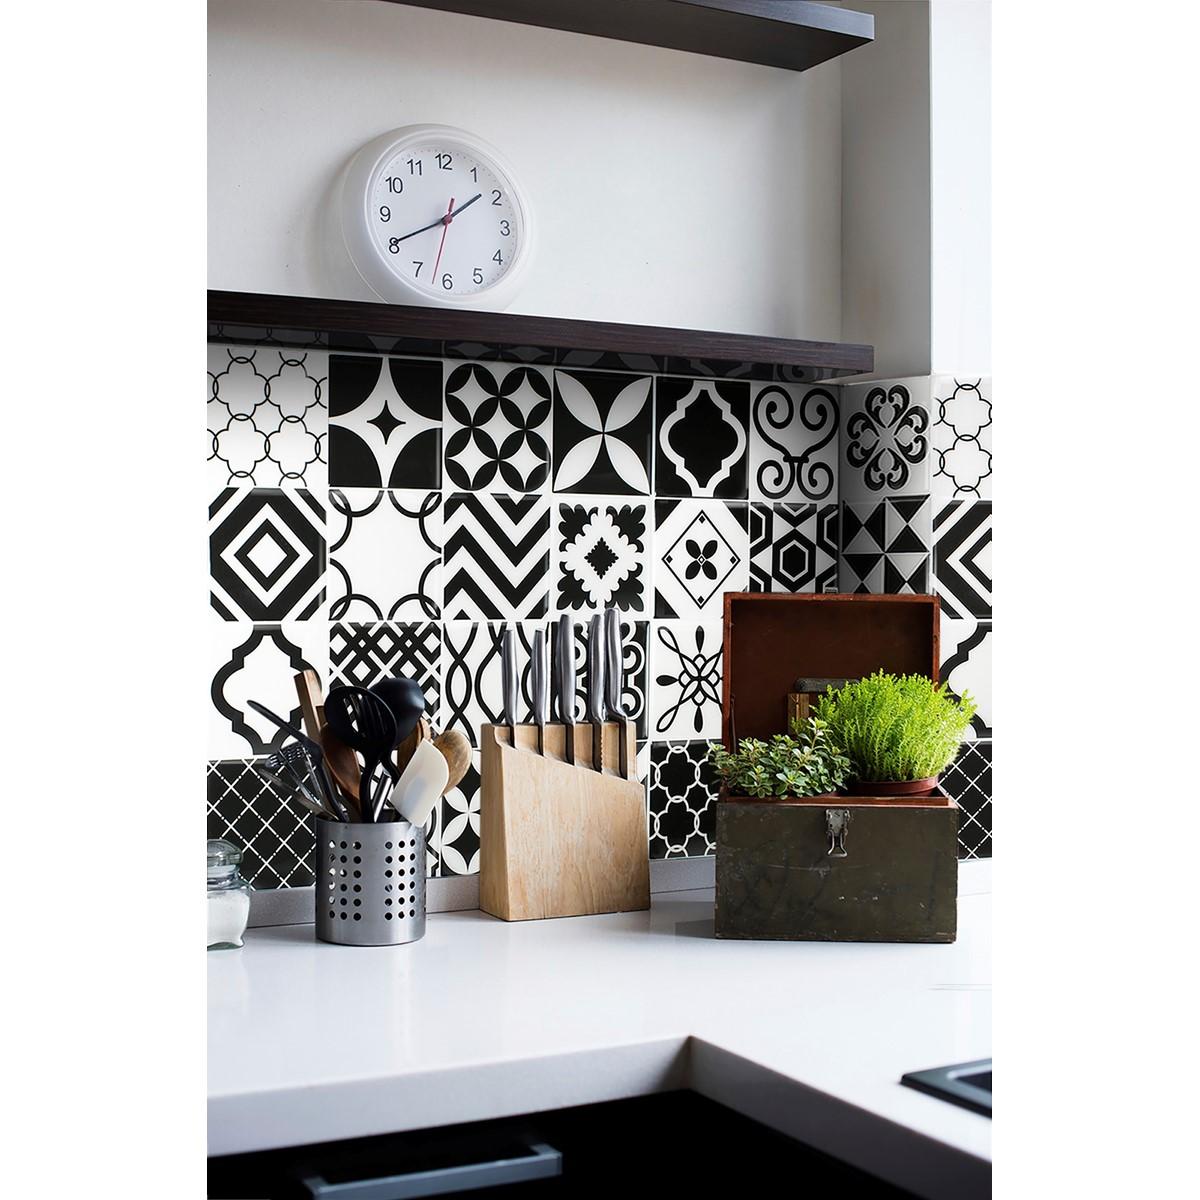 Carrelage mural vintage noir et blanc the smart tiles - Carrelage mural noir et blanc ...